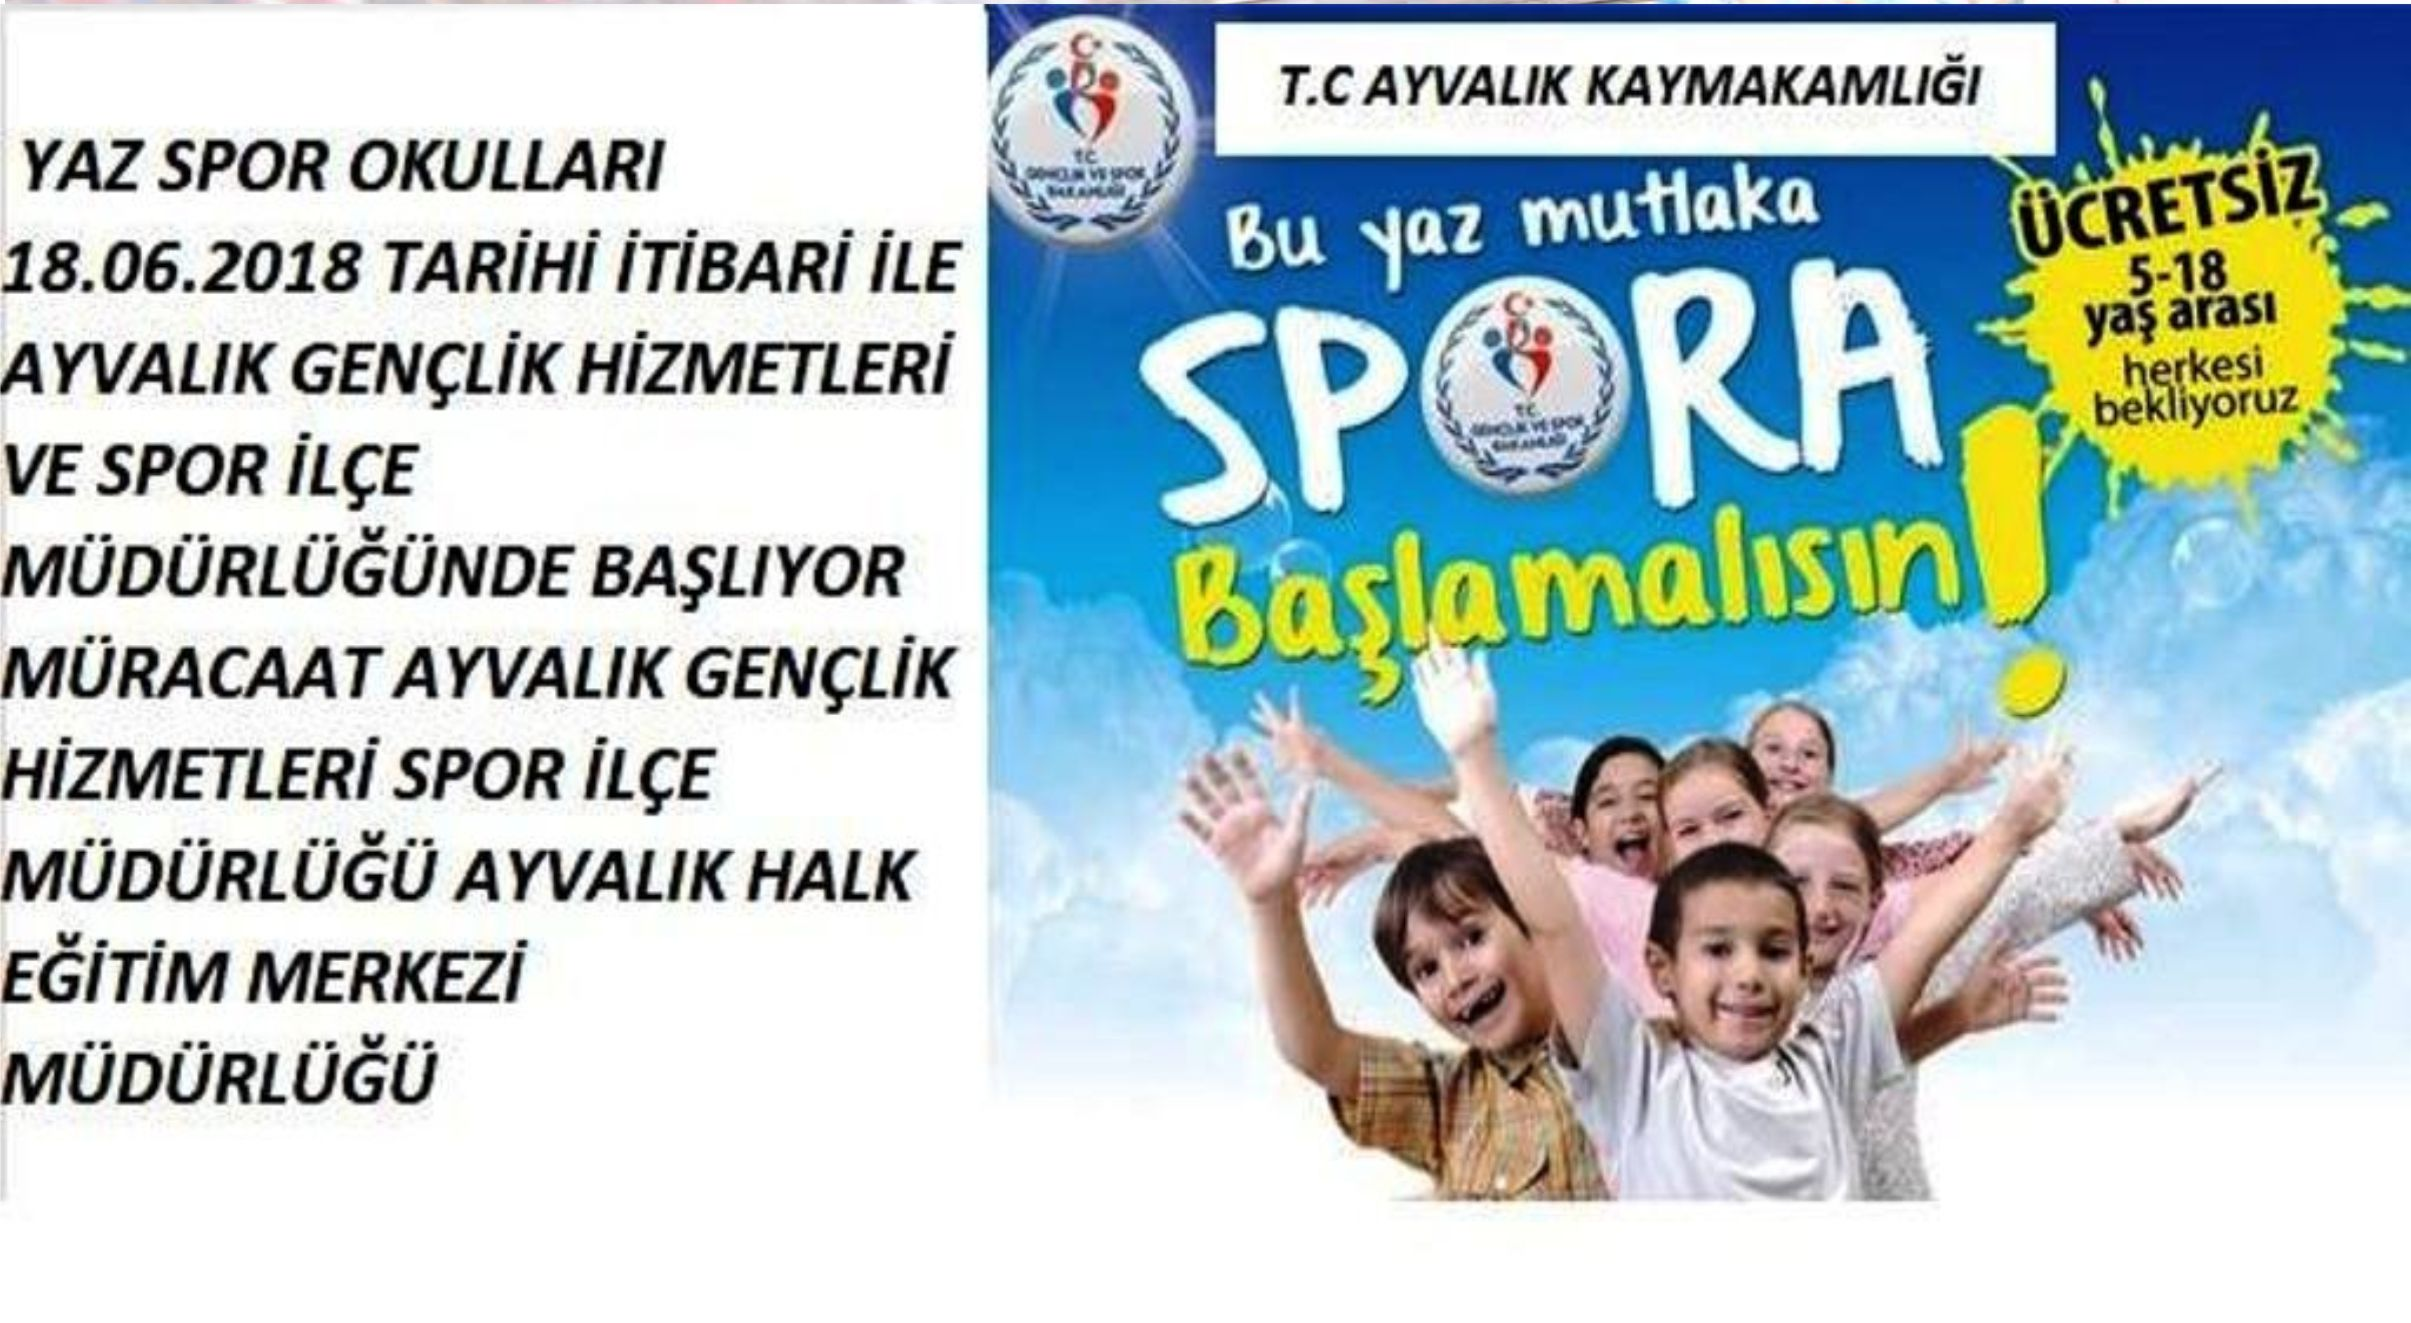 Ayvalık'ta Gençlik Hizmetleri ve Spor Müdürlüğü'nden Yaz Spor Okulları